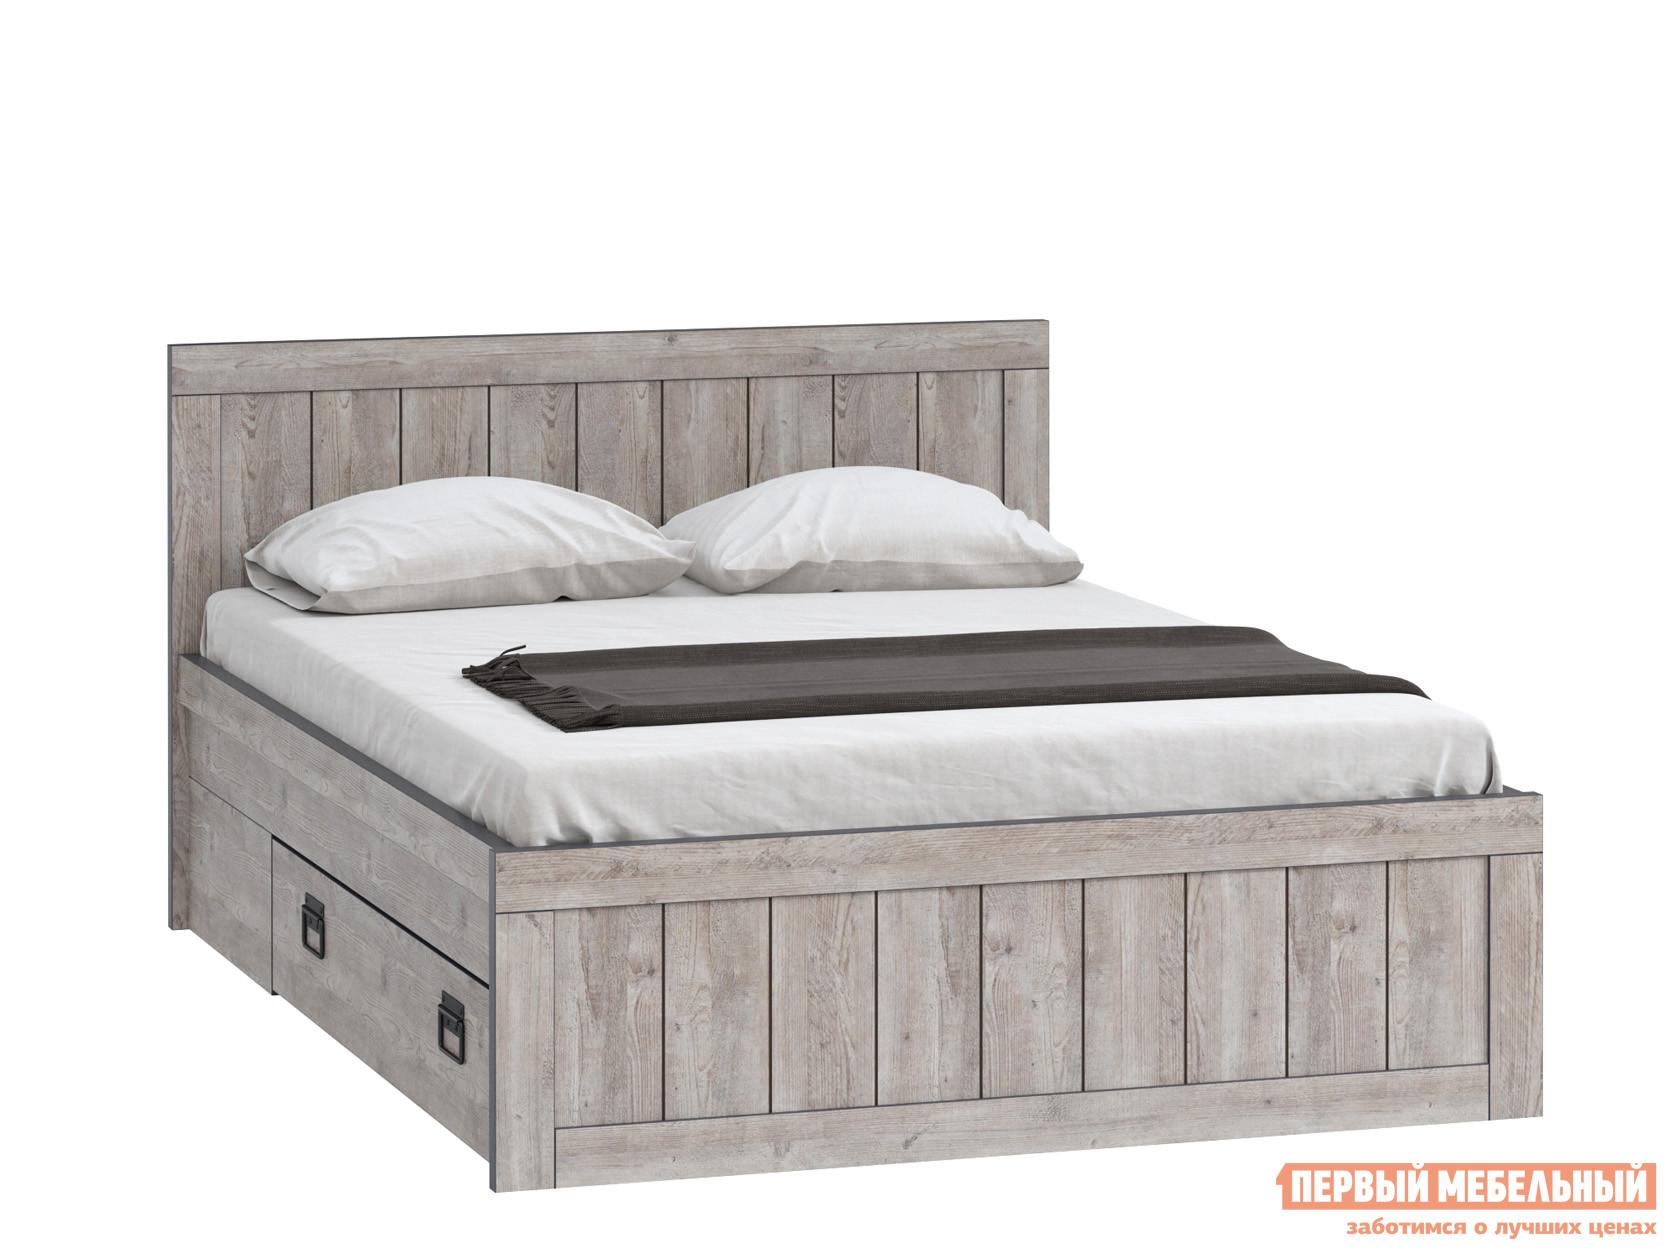 Полутороспальная кровать WOODCRAFT Эссен Кровать №4 1400 с ящиками woodcraft диван кровать рейн р 1а